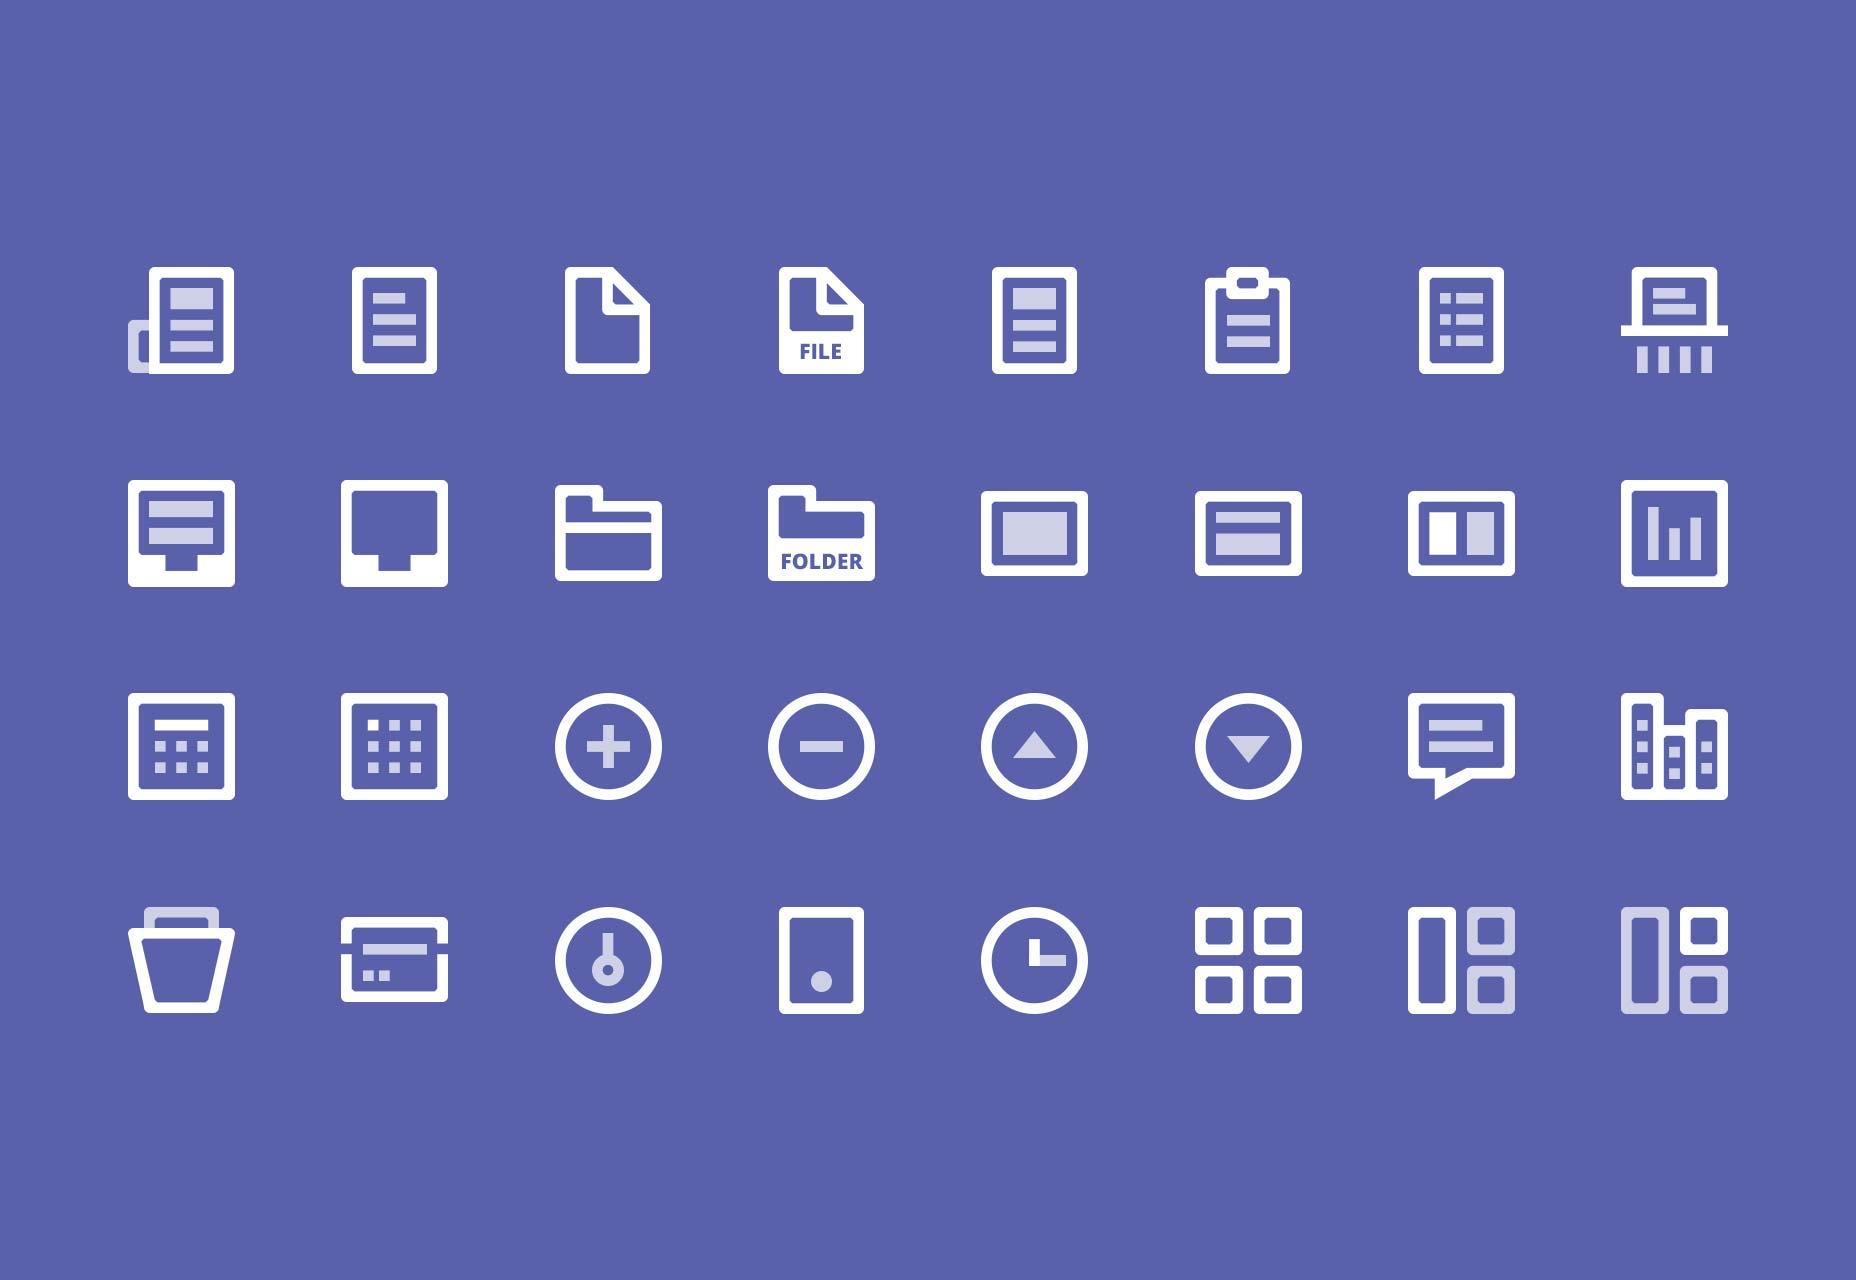 32 icons